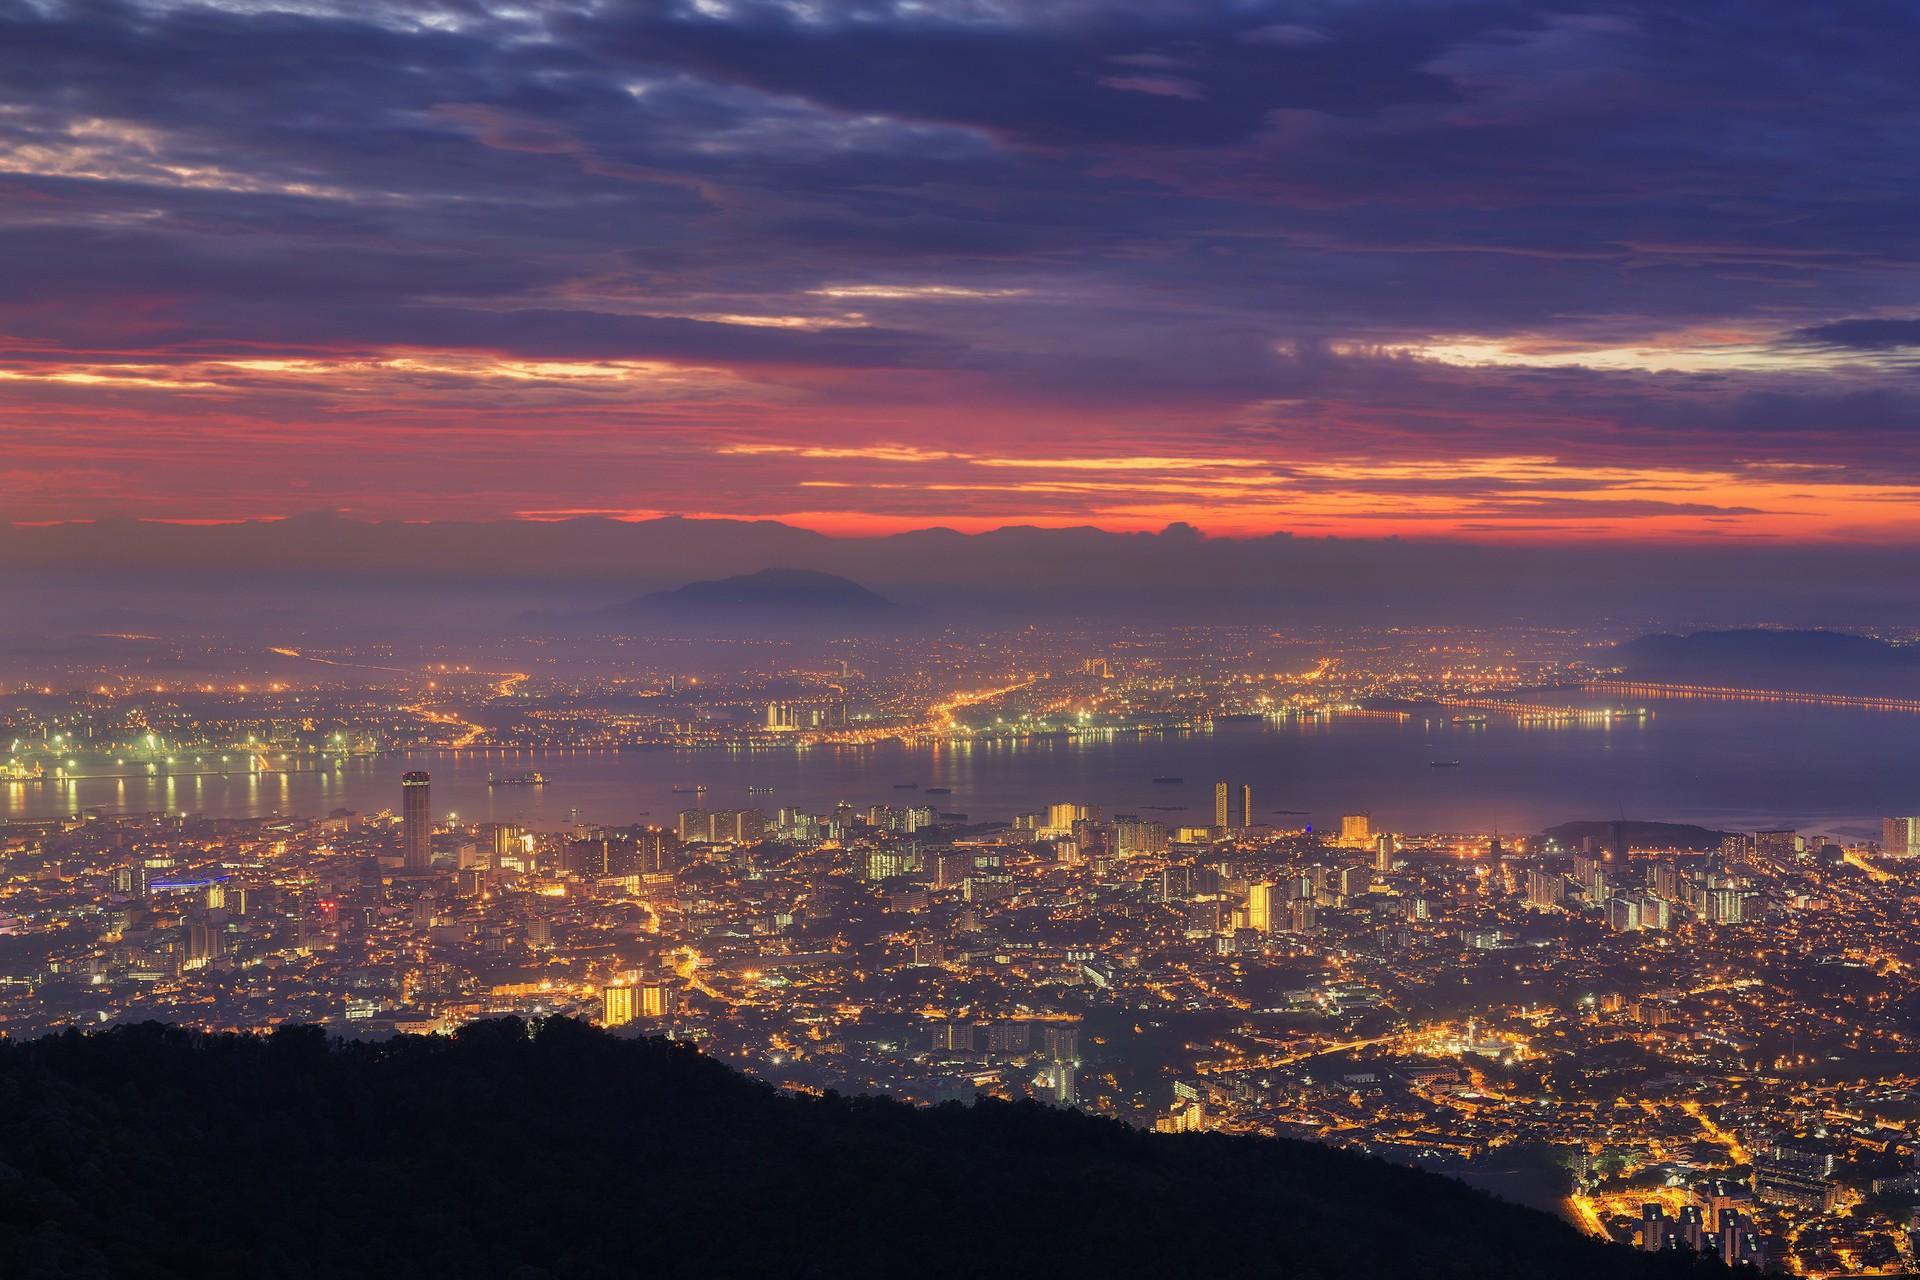 View from Penang Hill at dawn